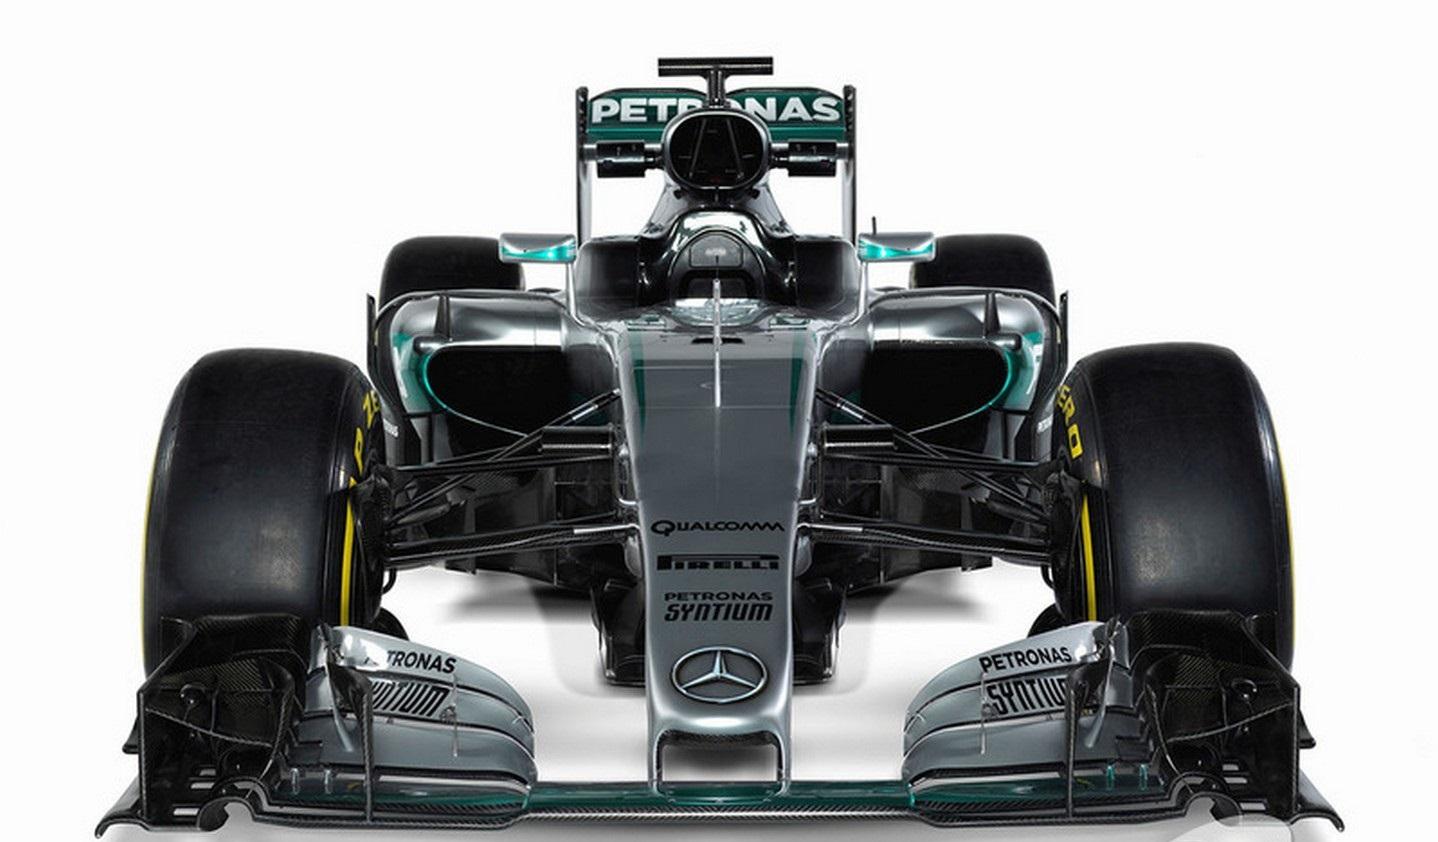 Mercedes AMG W07 2016 (3)